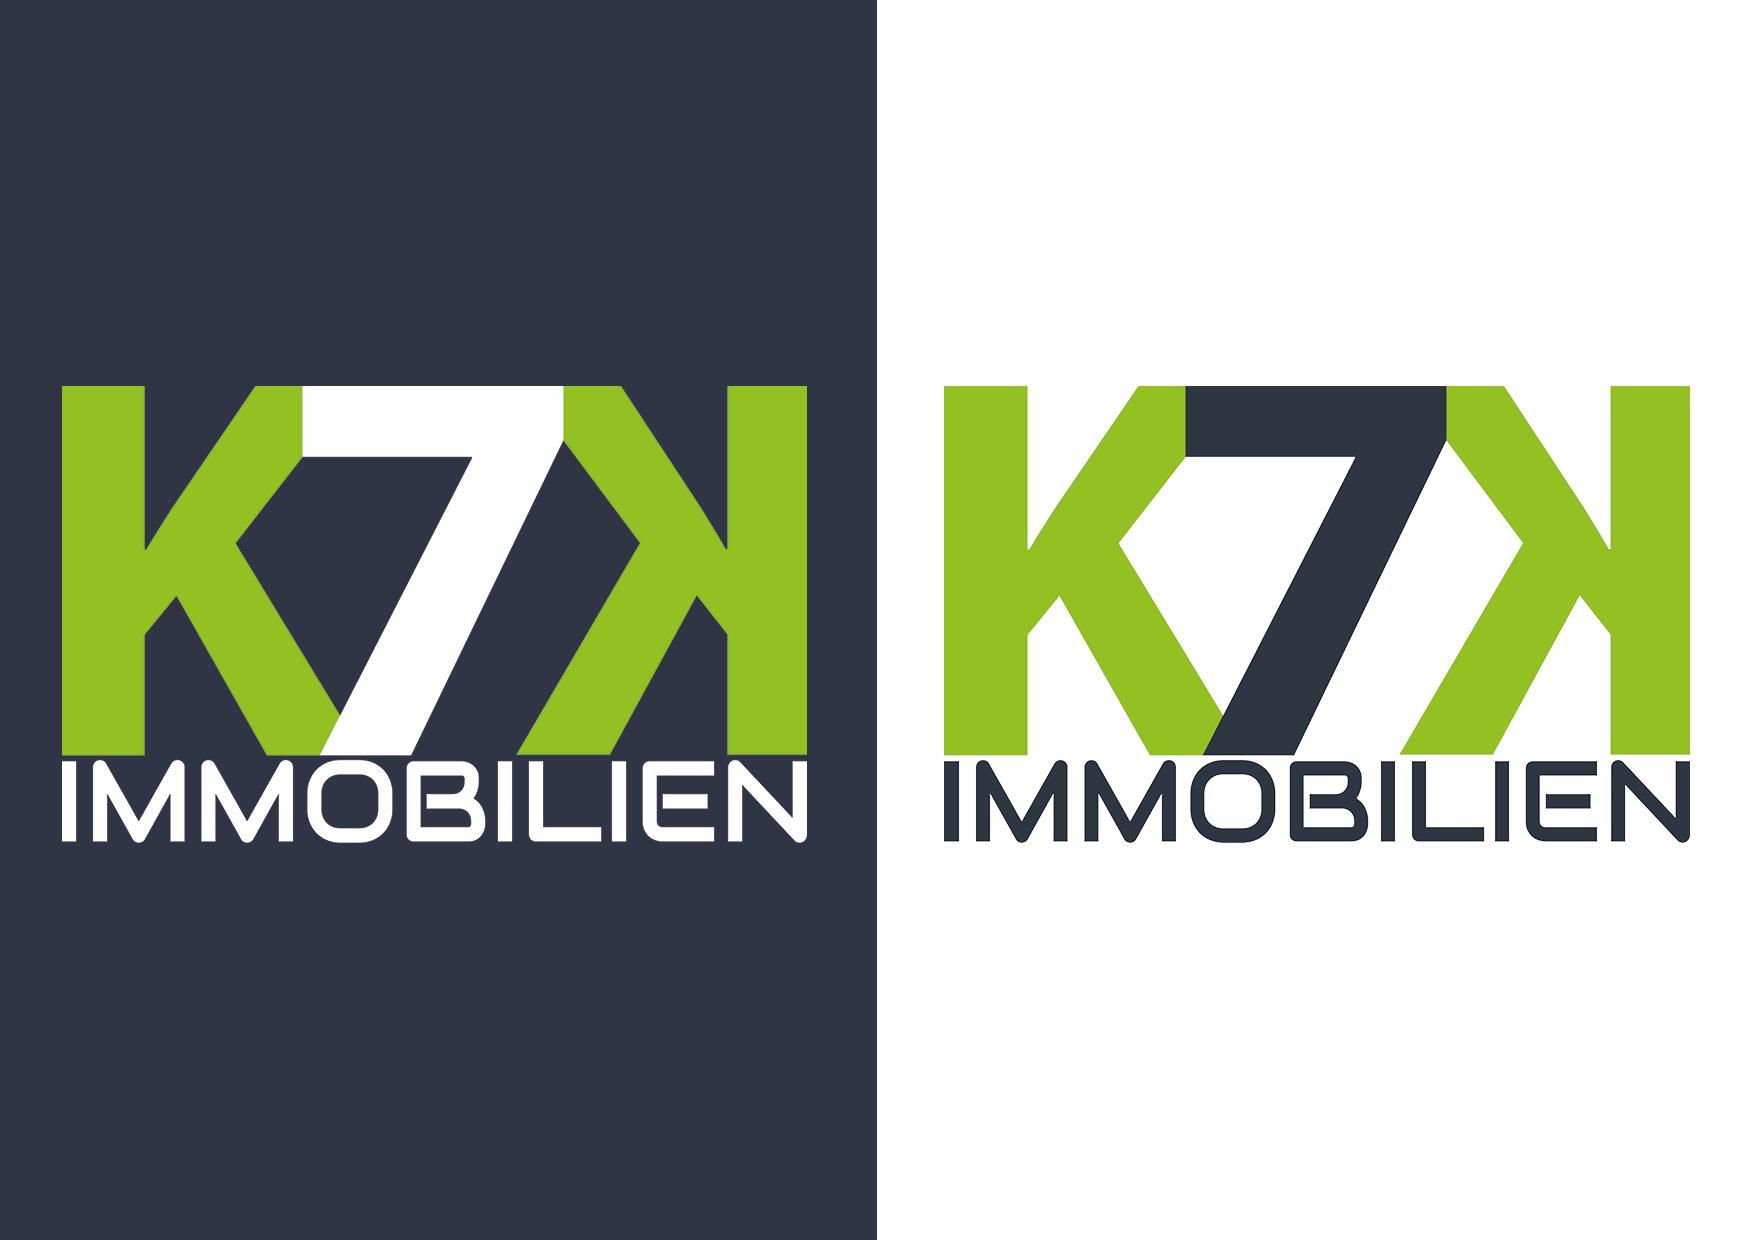 K7K Immobilien Logodesign